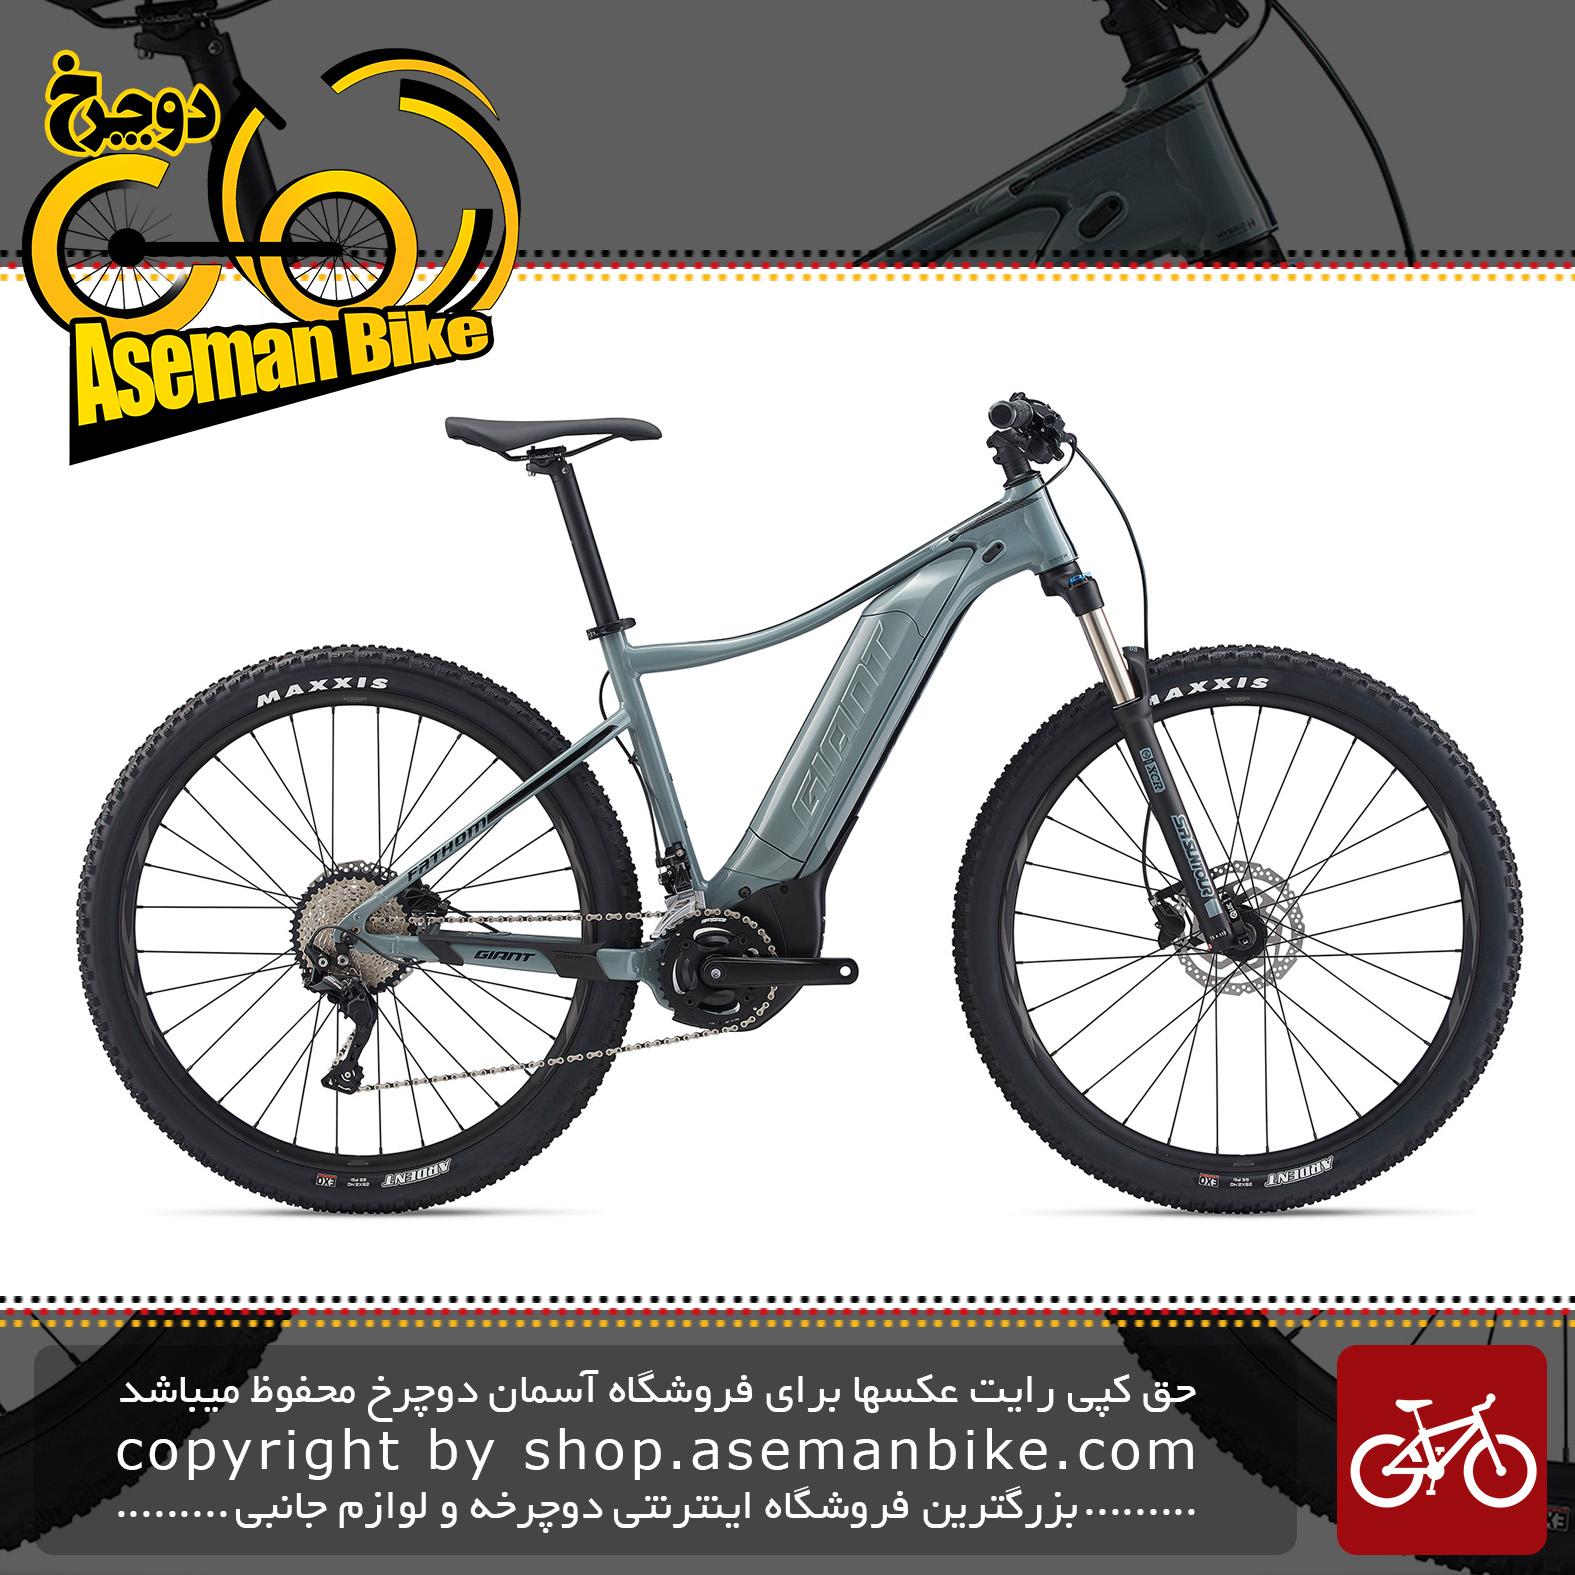 دوچرخه کوهستان برقی جاینت مدل فدم ای پلاس 2 2020 Giant Mountain Bicycle Fathom E+ 2 2020